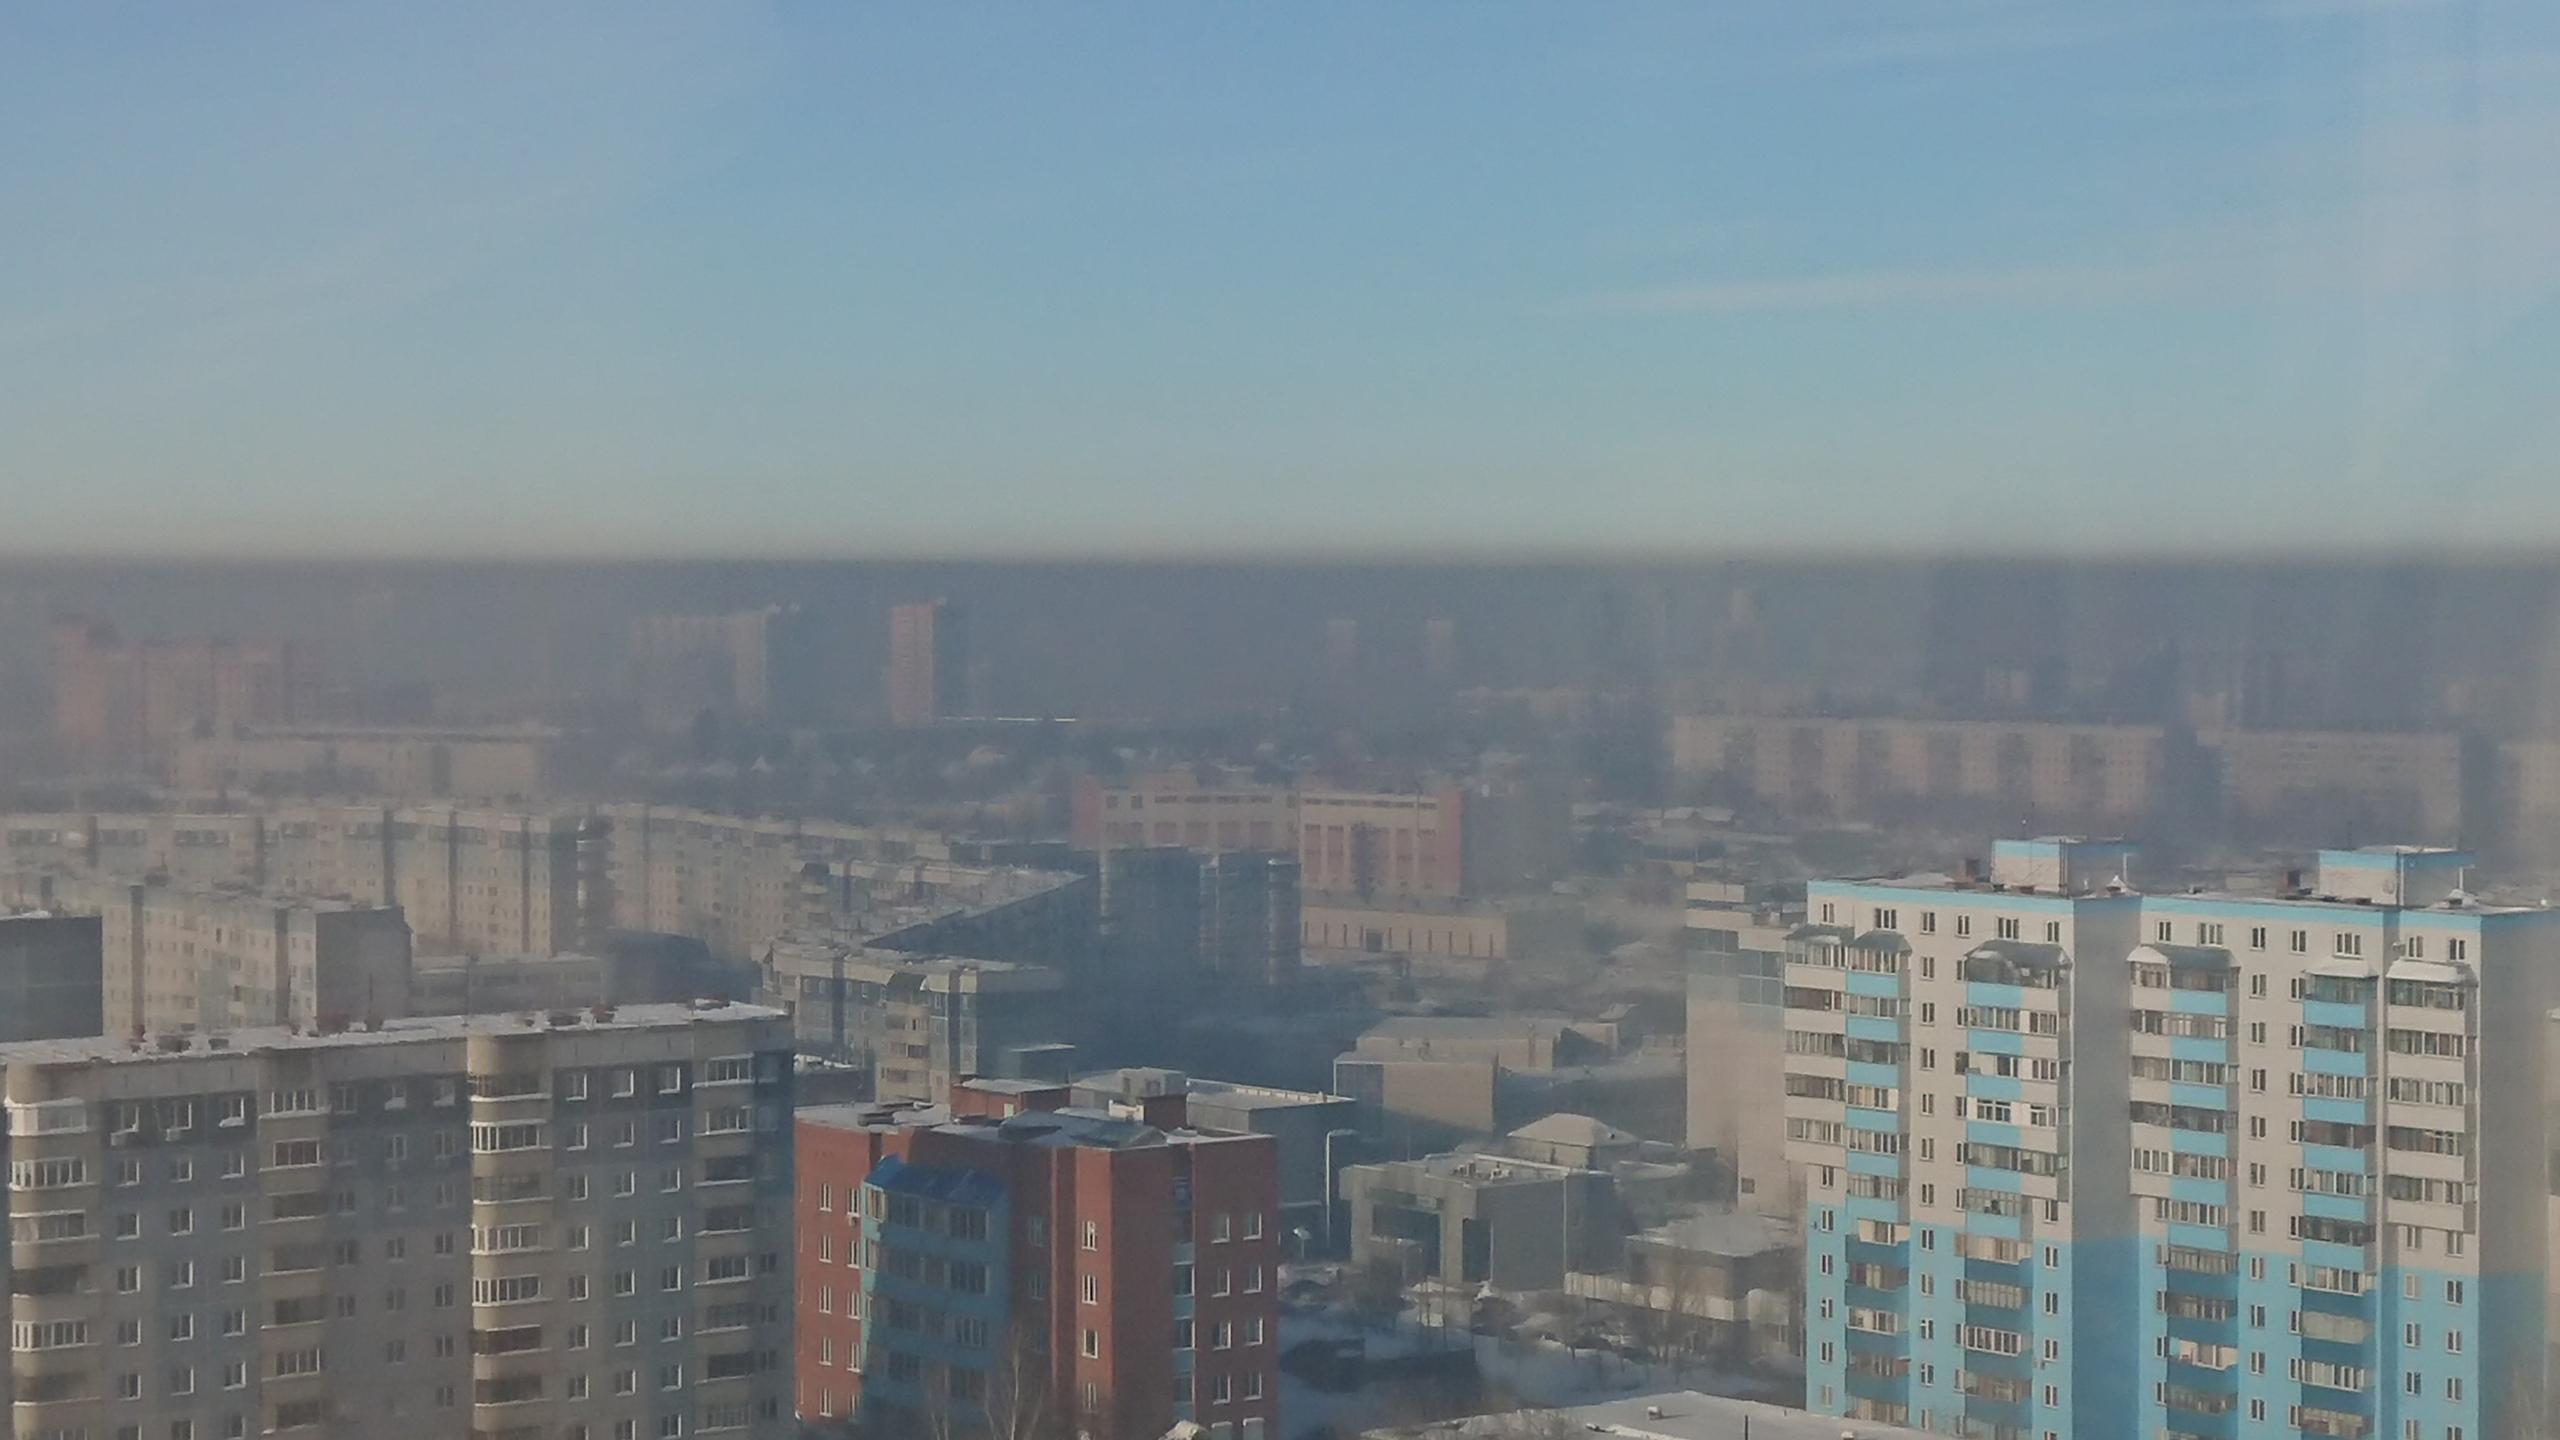 На снимке видно, что над городом повисла дымка